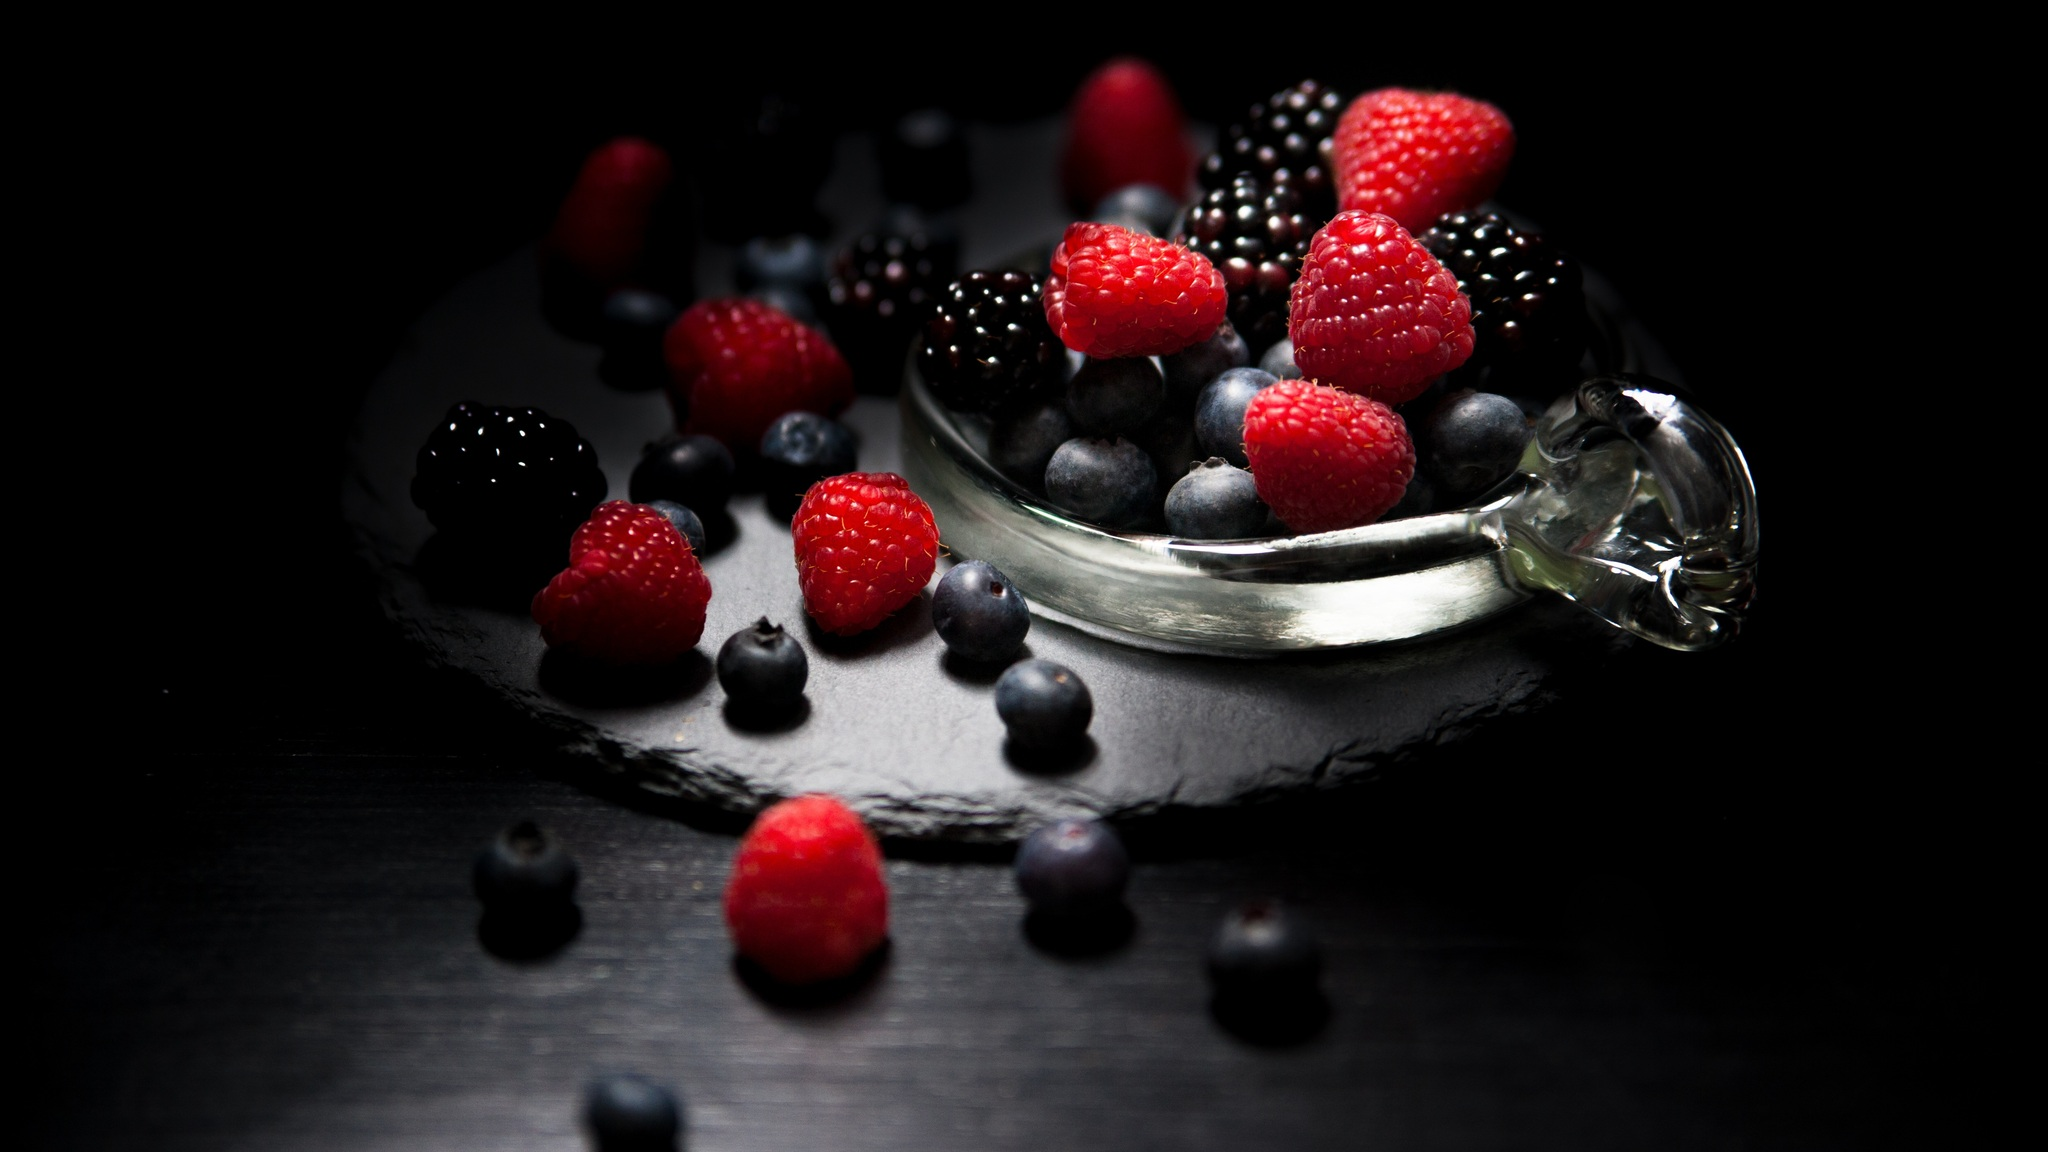 raspberries-berries-4k-5k-4k.jpg